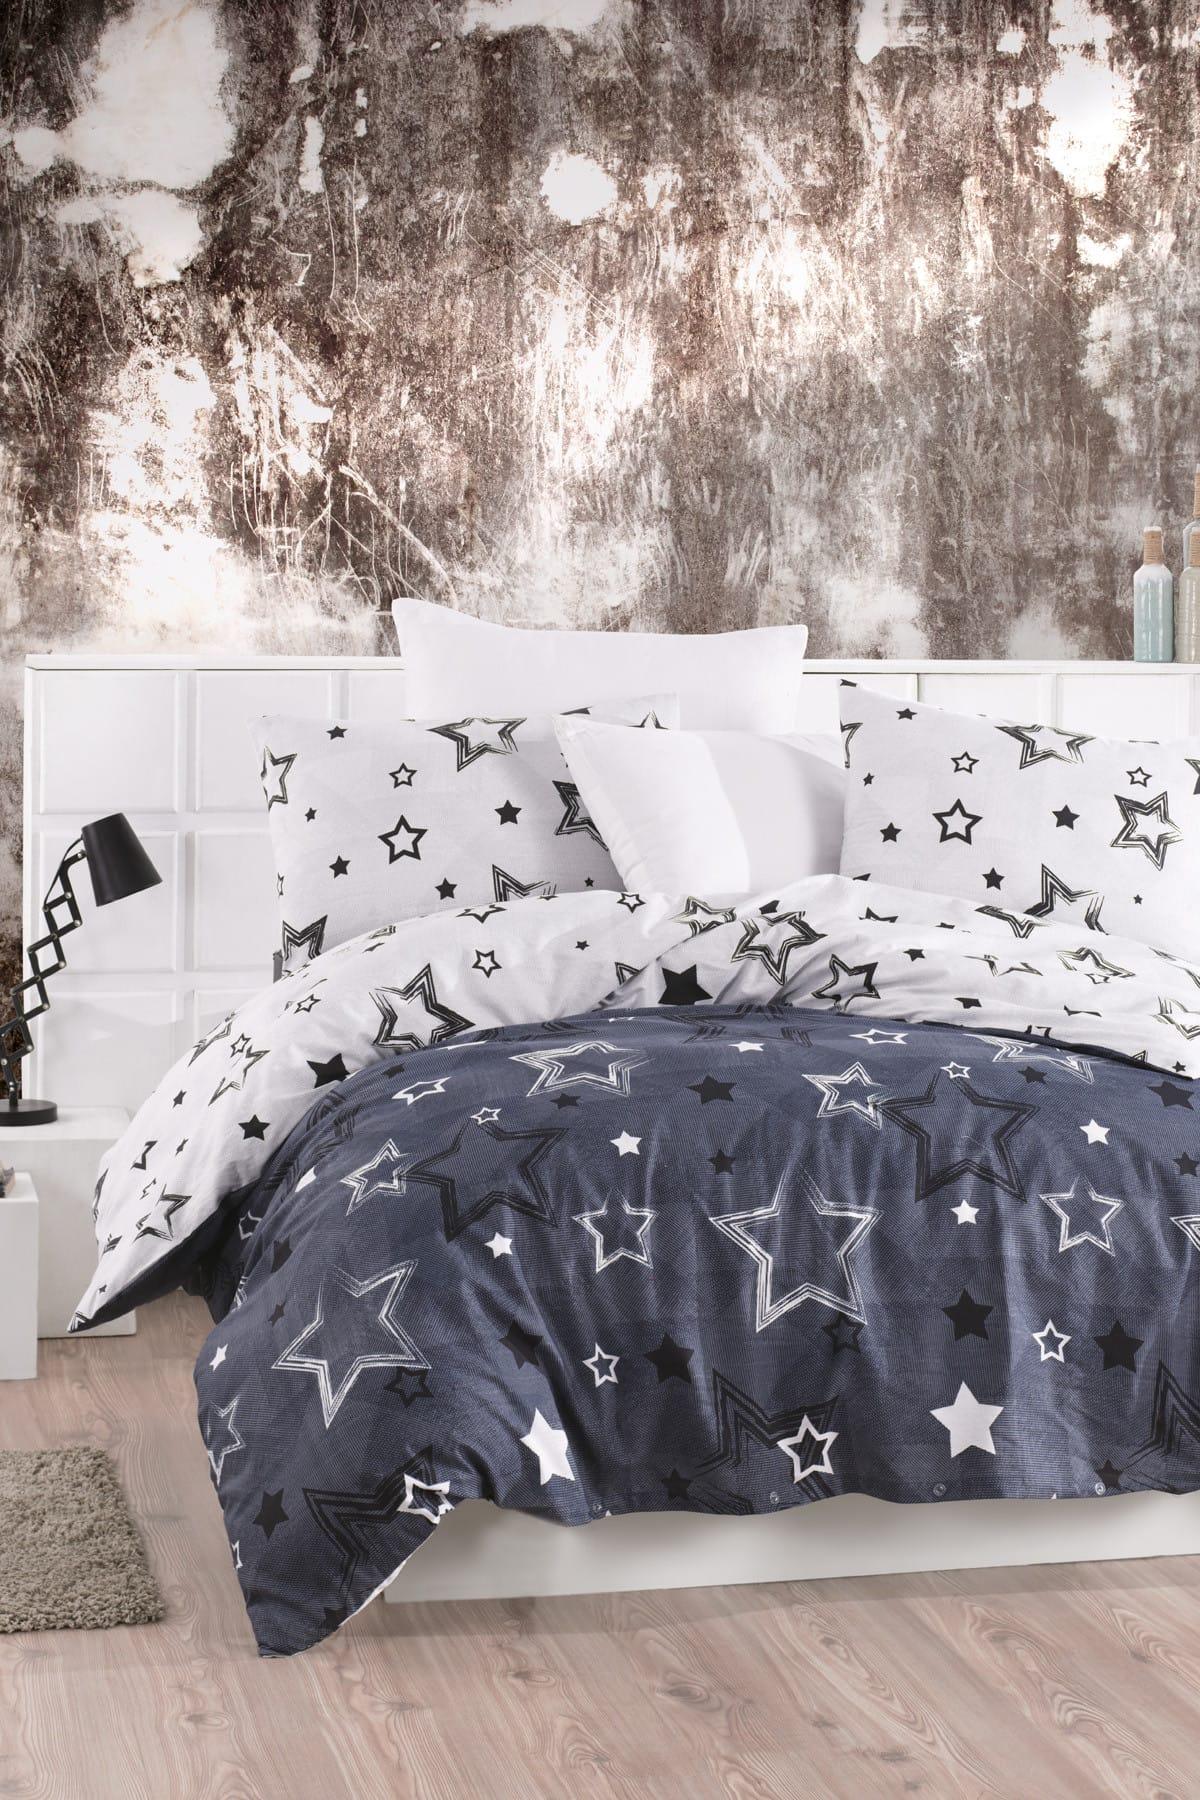 LadyModa-مجموعة غطاء لحاف مفردة بنجوم ، وأنماط جديدة تمامًا لغرف النوم الخاصة بك